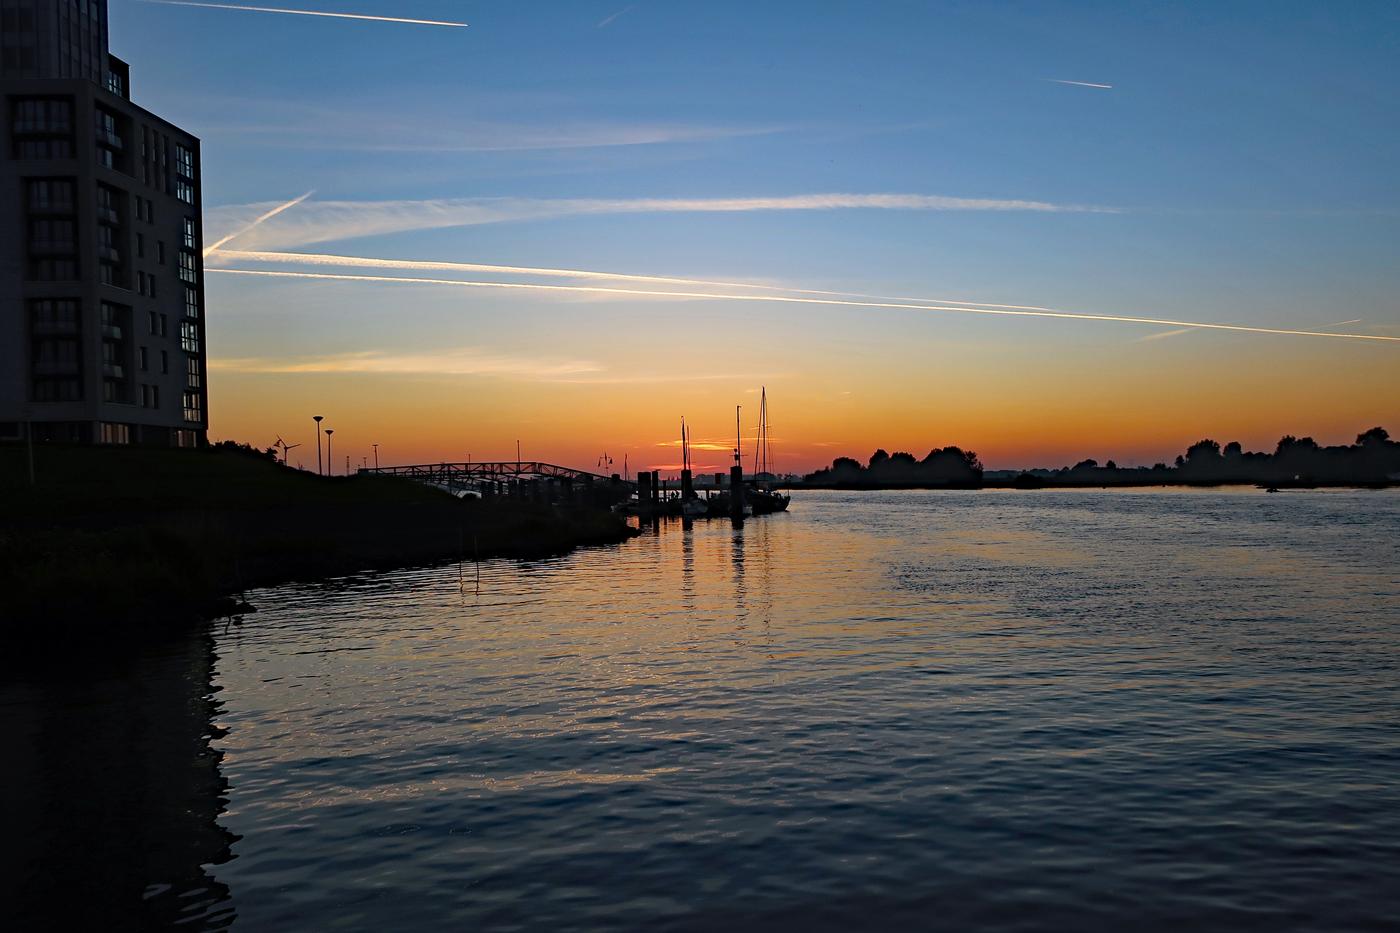 Sonnenuntergang - Ende - weiter Bilder siehe Hansetage Kampen!